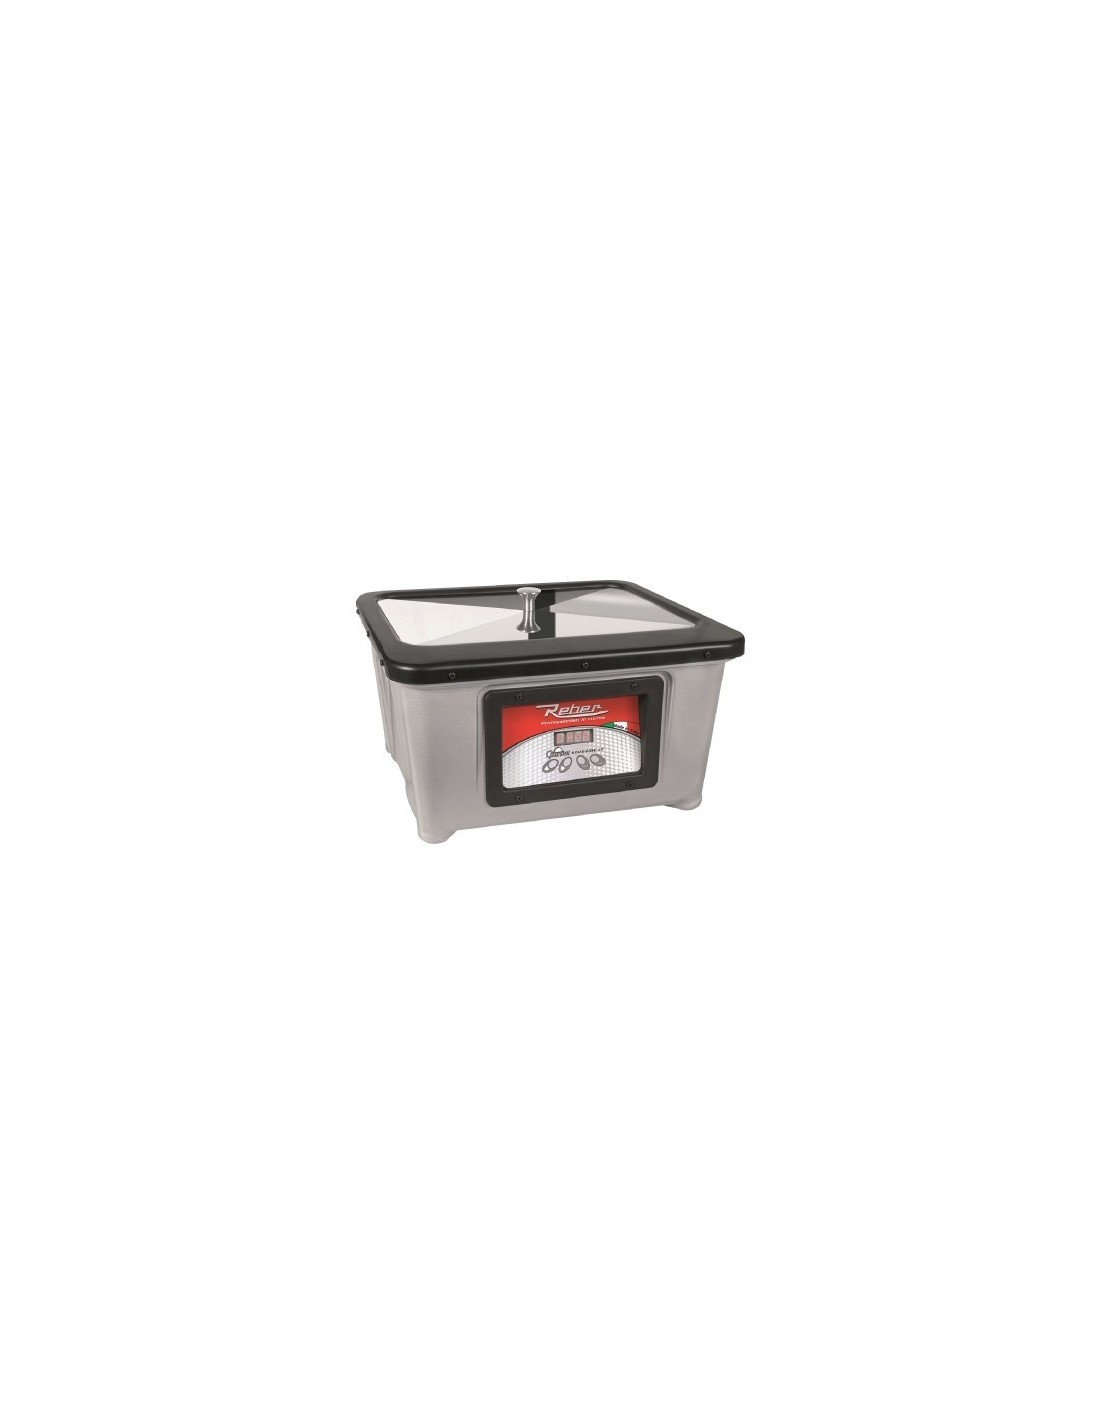 Cuiseur sous vide bain marie 10 l gourmet bg 650 kit for Panneau solaire sous vide